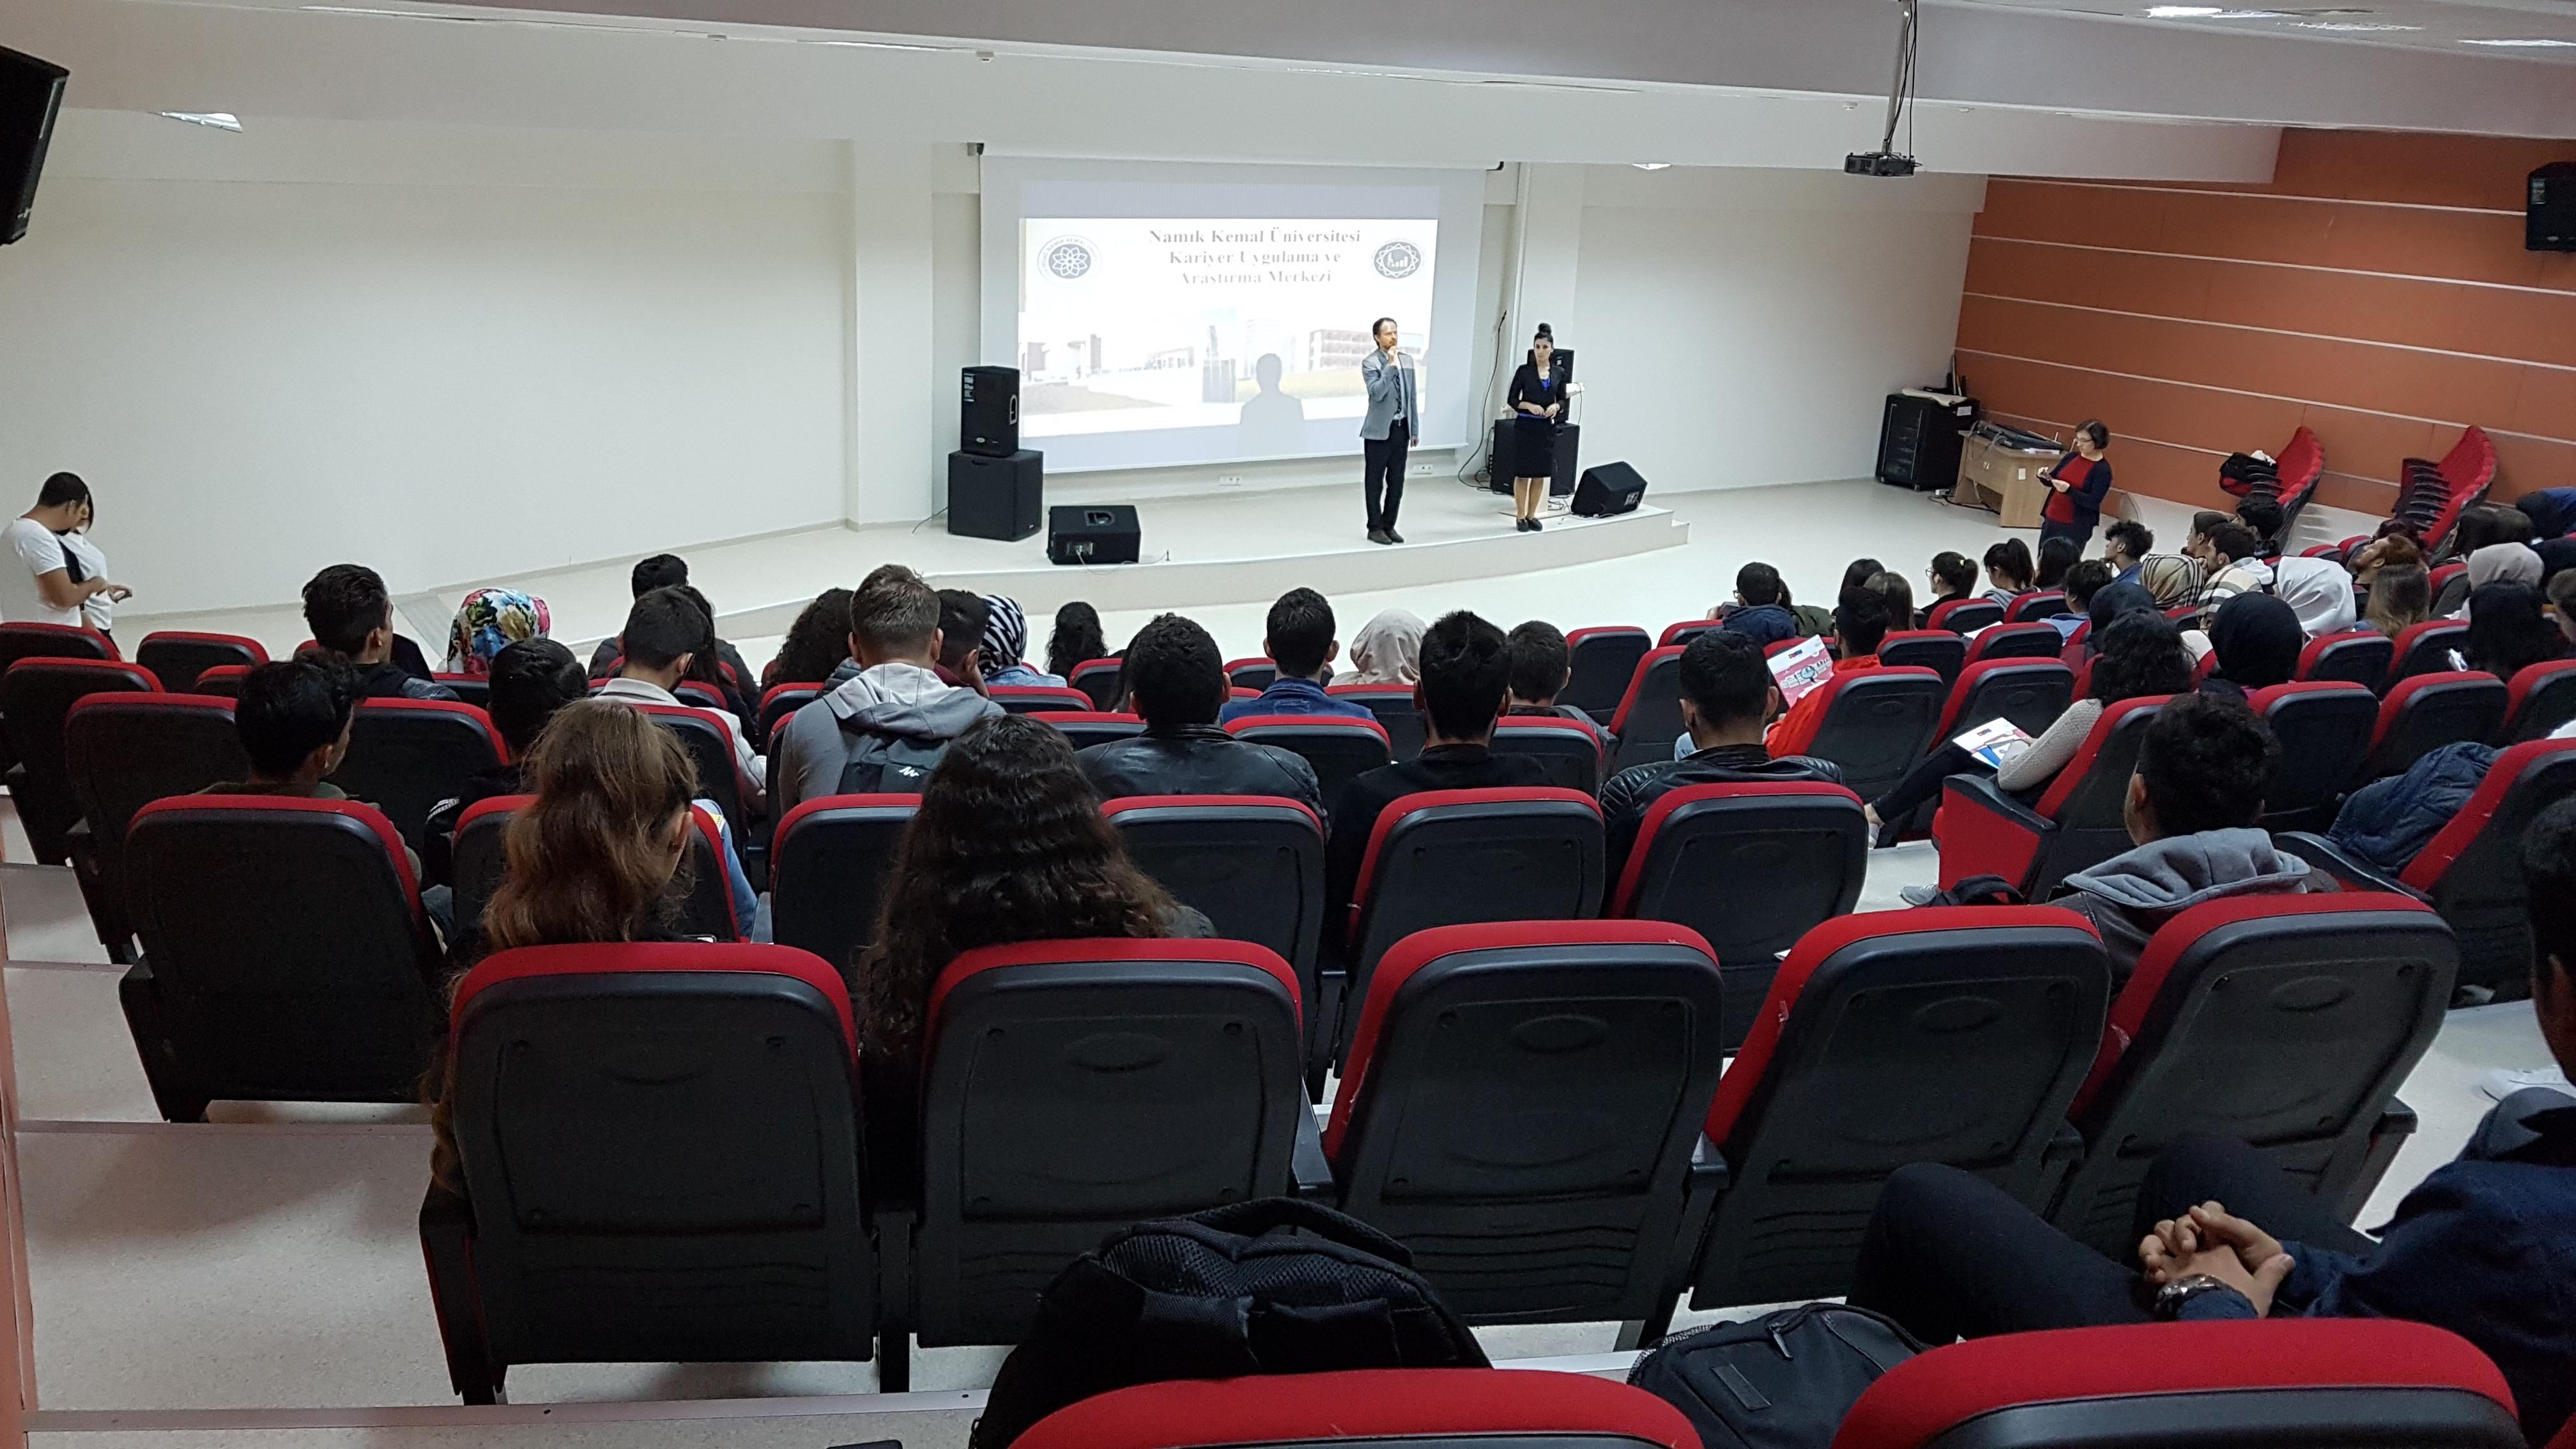 Muratlı Meslek Yüksekokulu Öğrencilerimize Yönelik Kariyer Merkezi Tanıtım Sunumumuzla Birlikte Mülakat Teknikleri Eğitimimiz ve Bireysel Danışmanlığımız Gerçekleştirildi